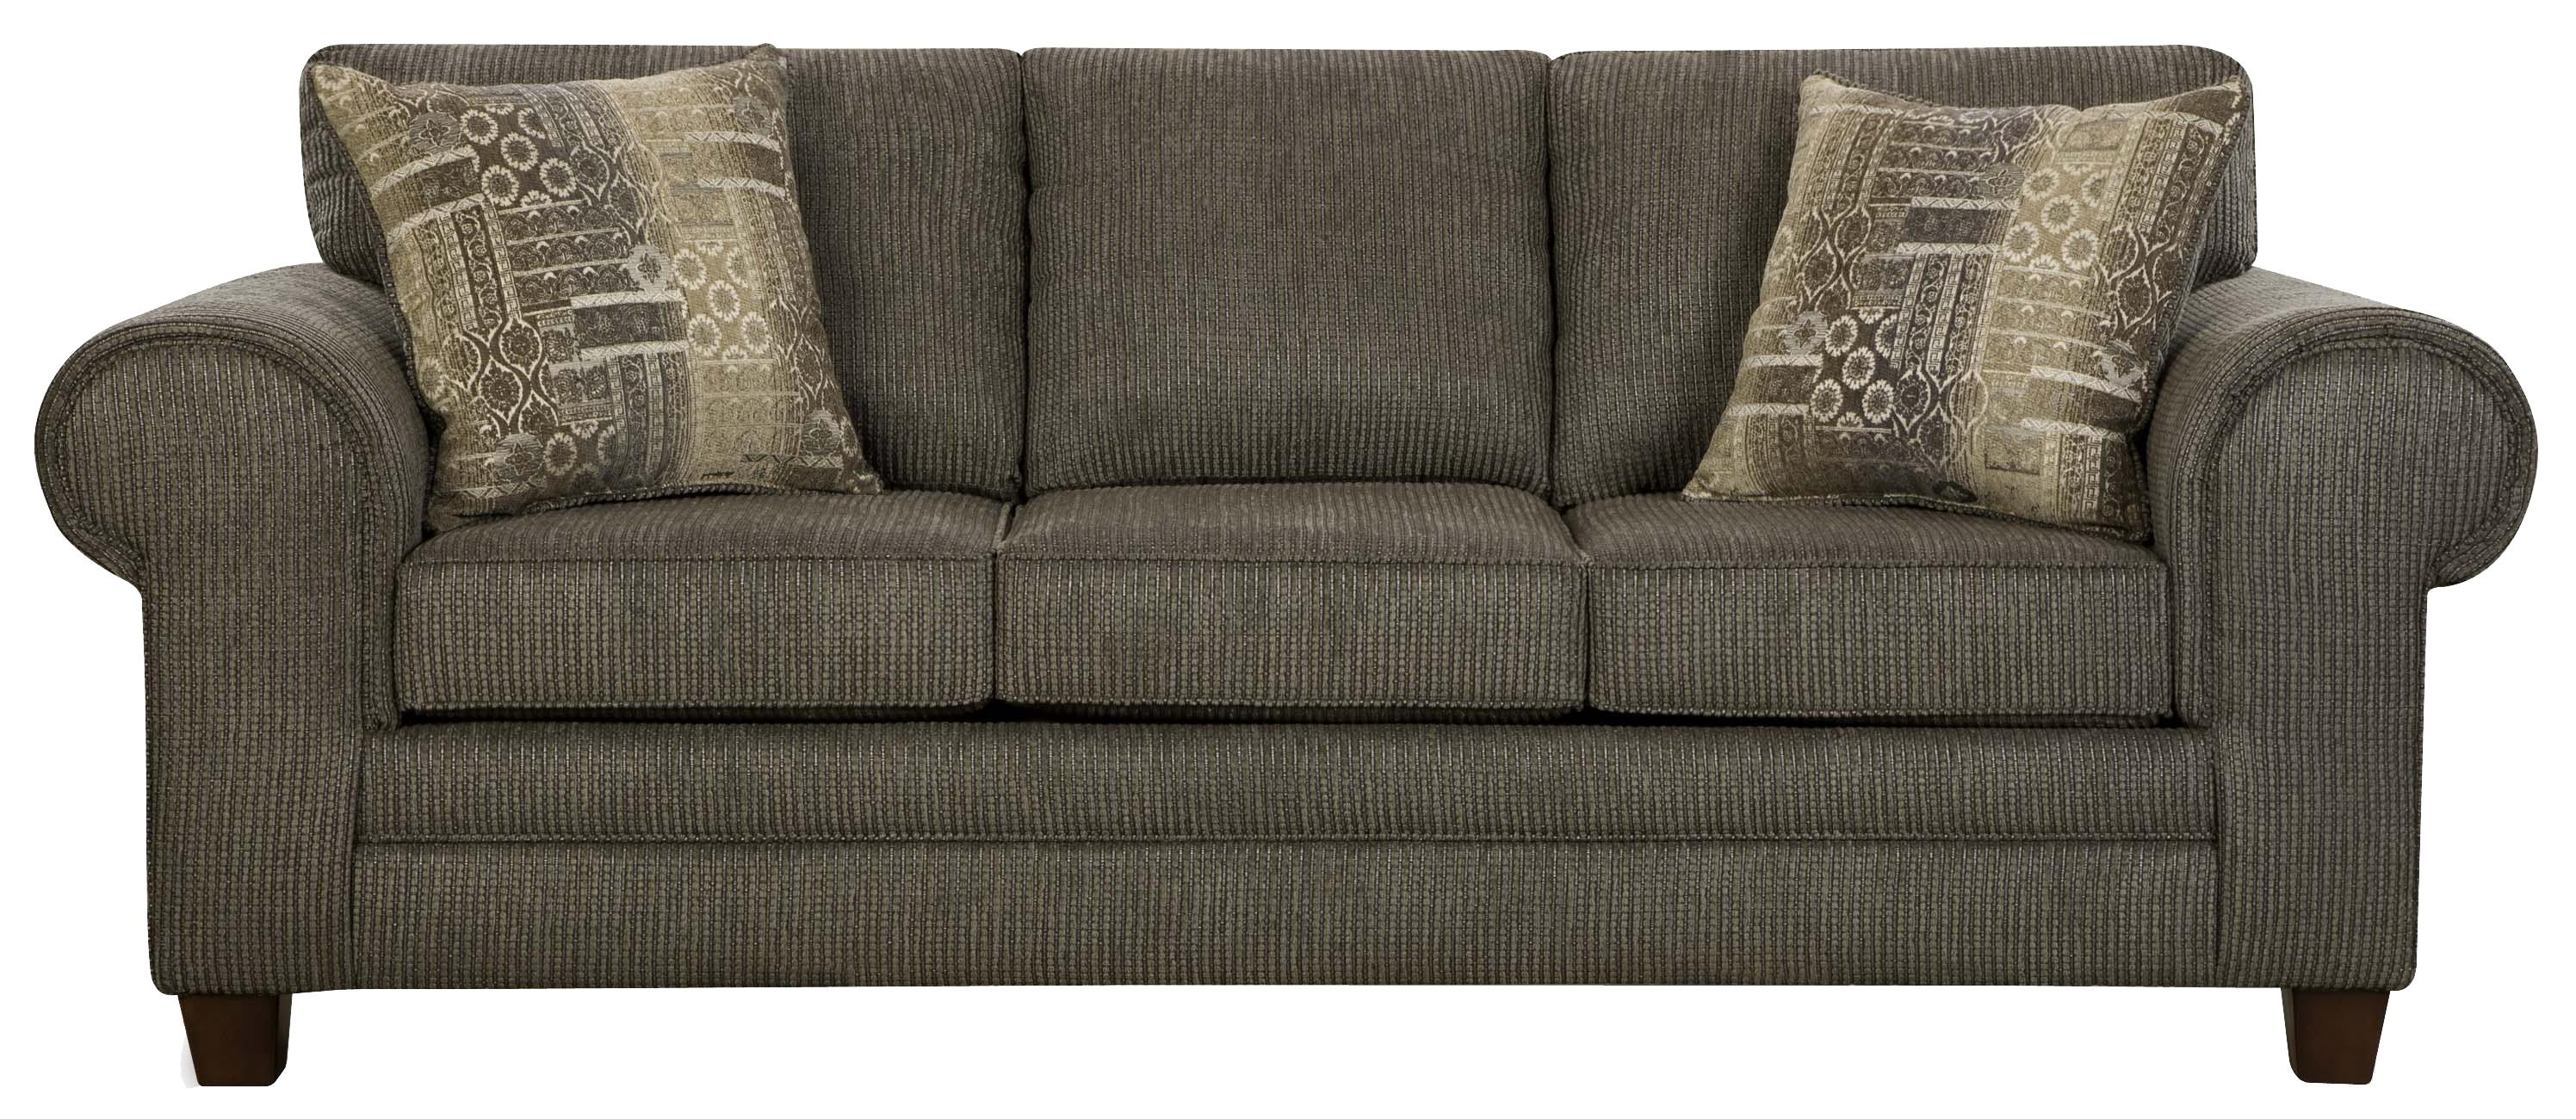 American Furniture 3750  Sofa - Item Number: 3753 5750